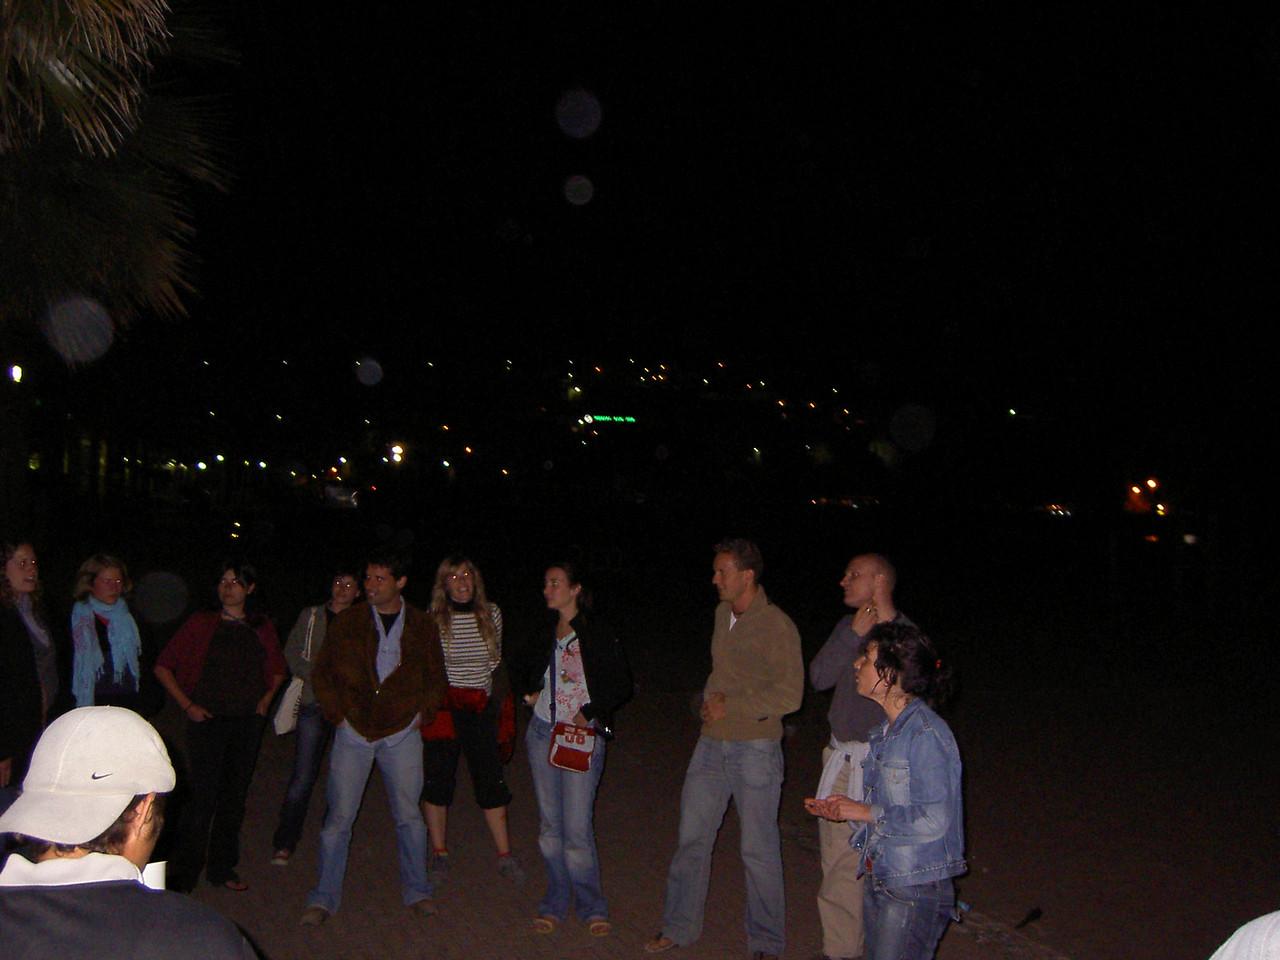 Drunken revellers on the beach